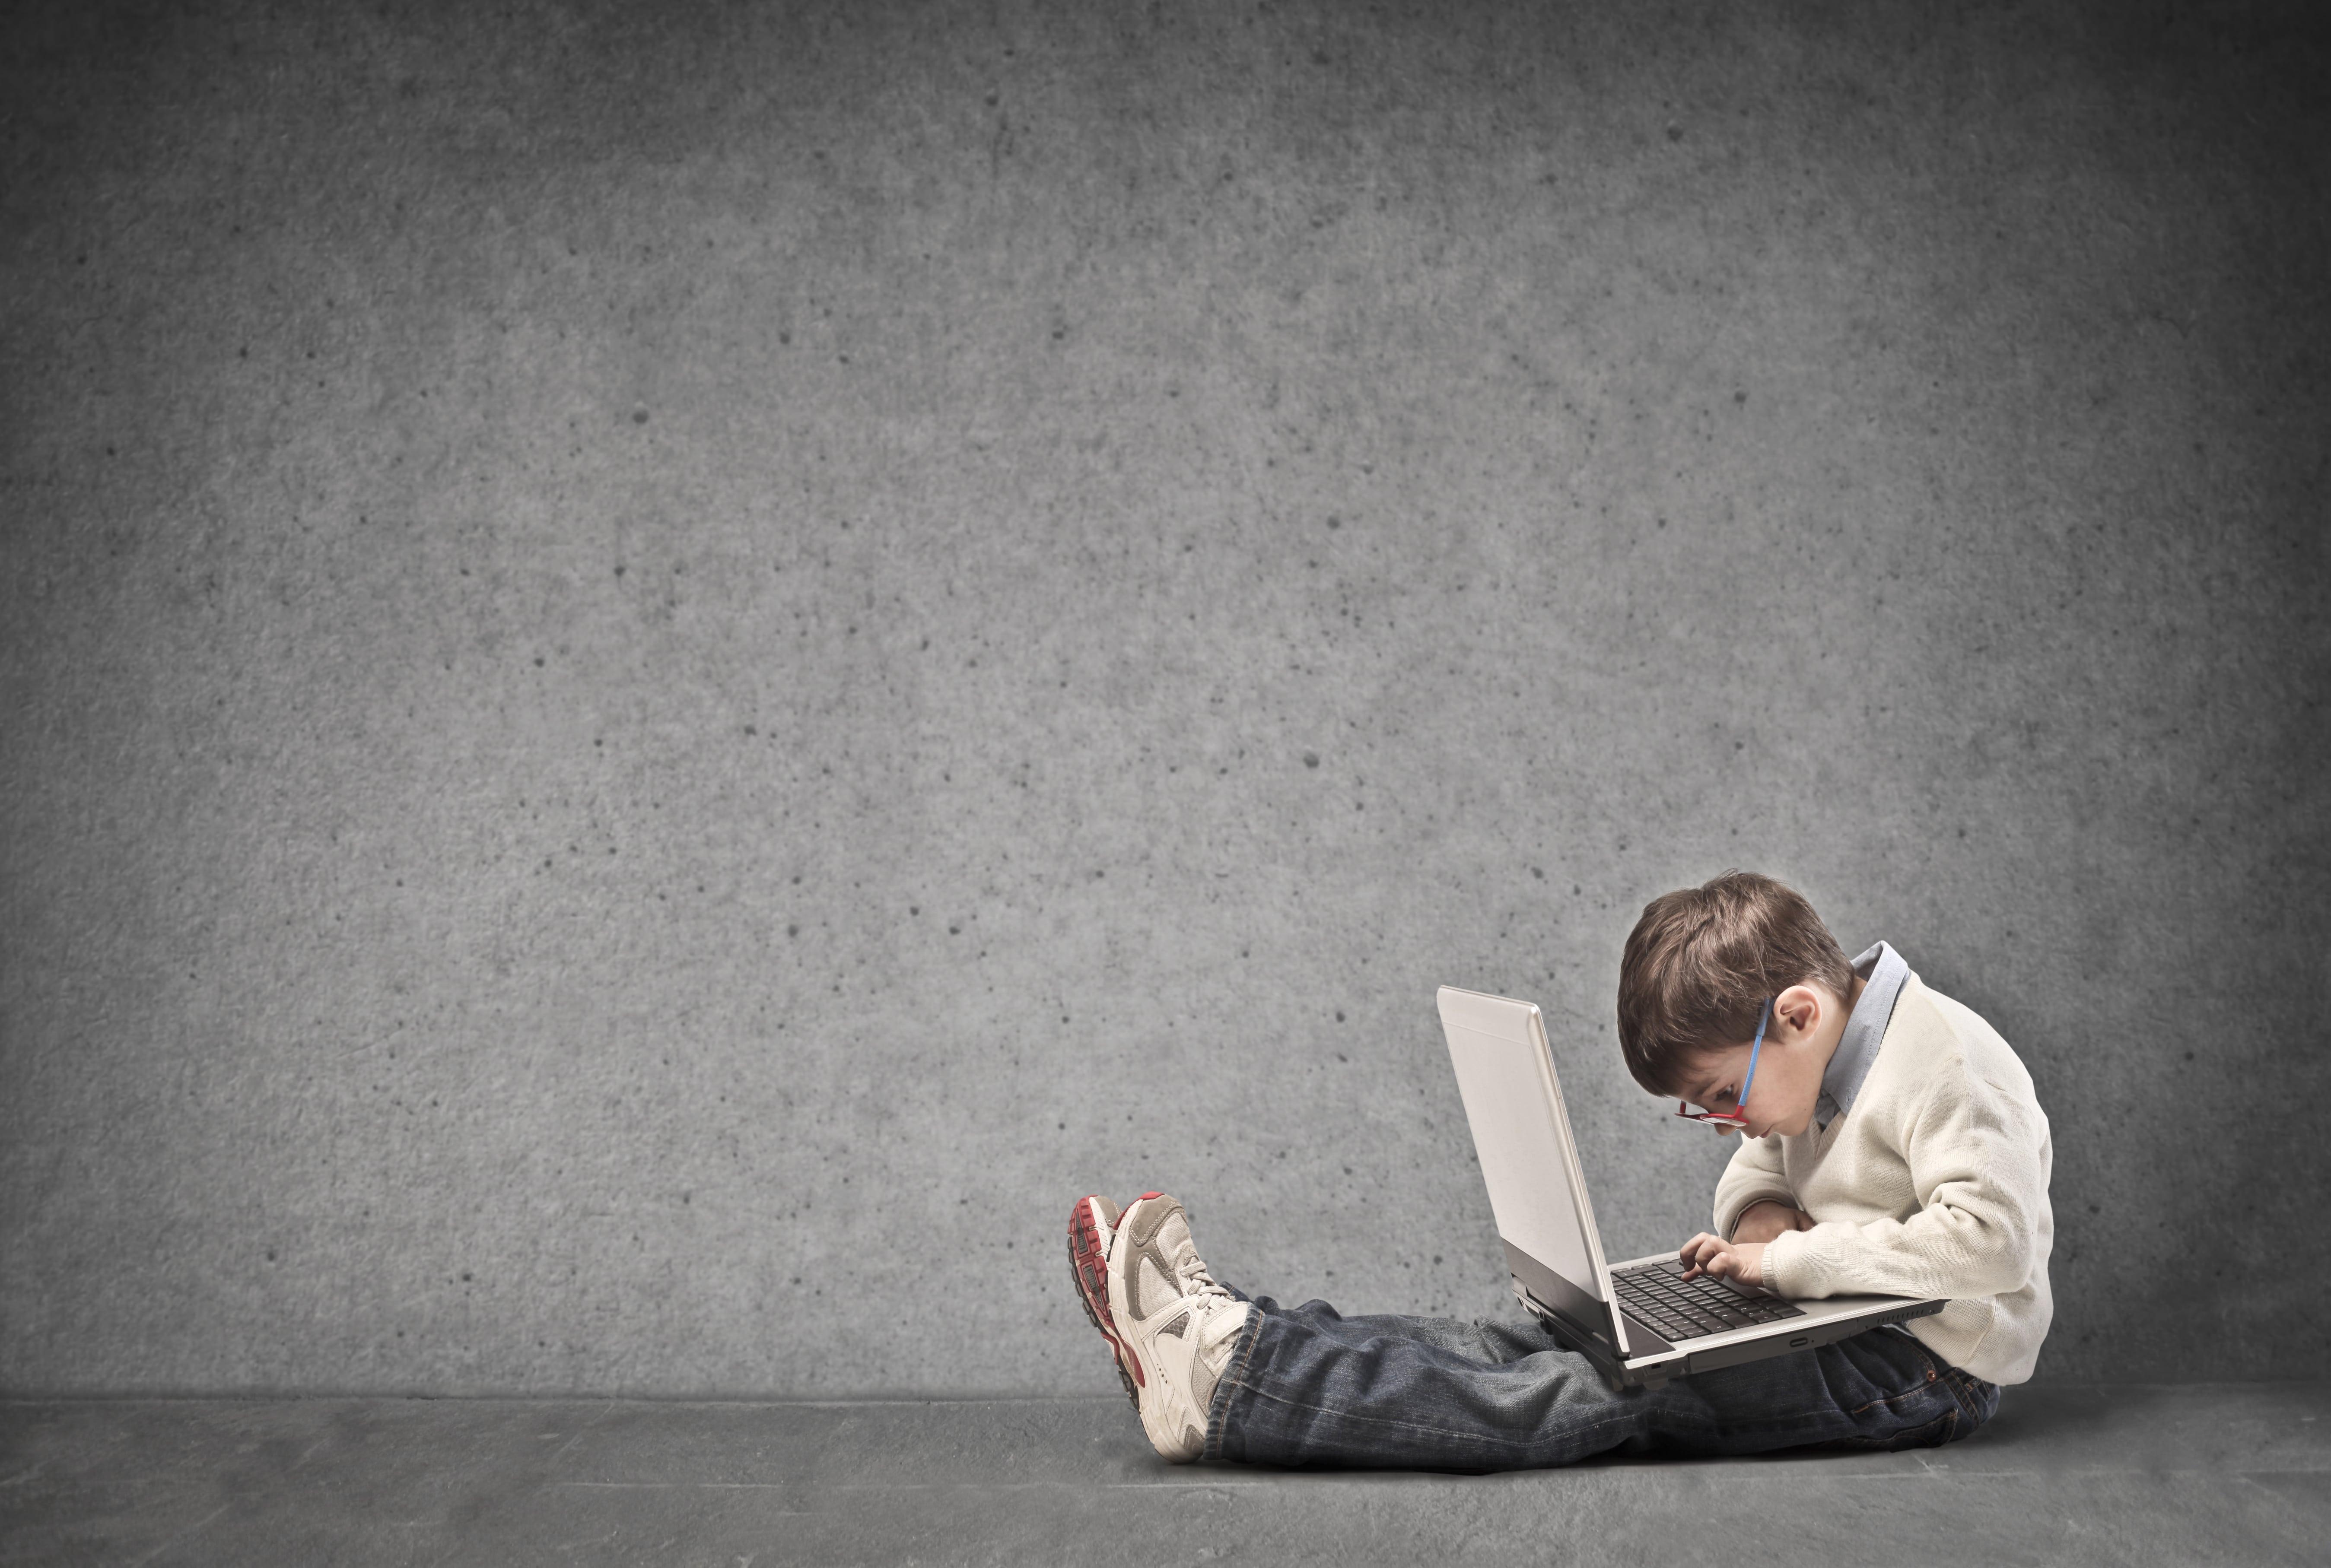 שפות התכנות החשובות ביותר עבור תכנות ילדים